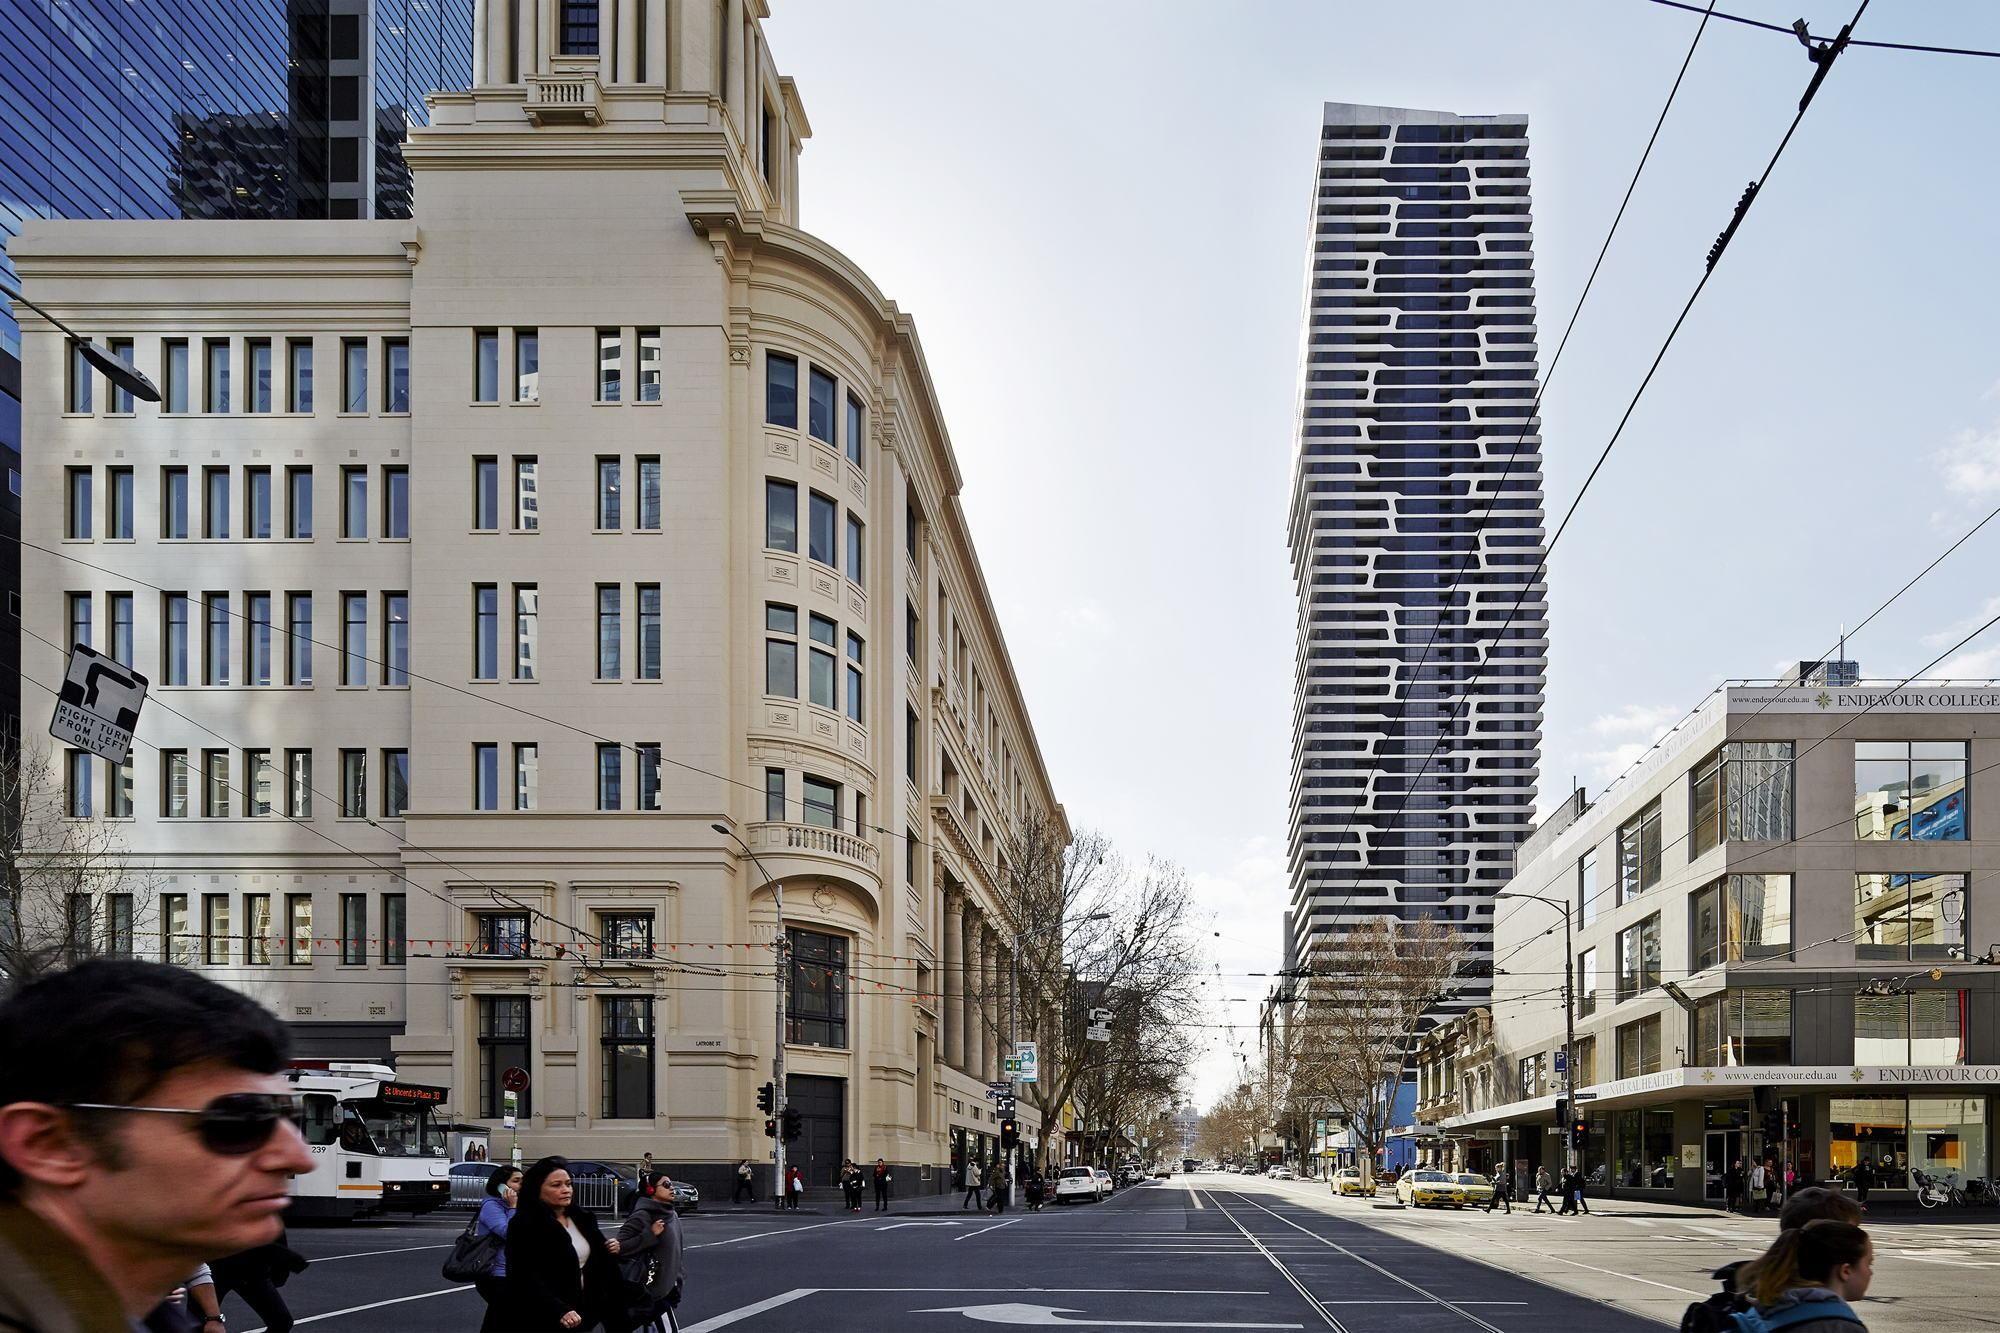 Wohnturm von Hayball in Melbourne / Wie lebt der Australier? - Architektur und Architekten - News / Meldungen / Nachrichten - BauNetz.de